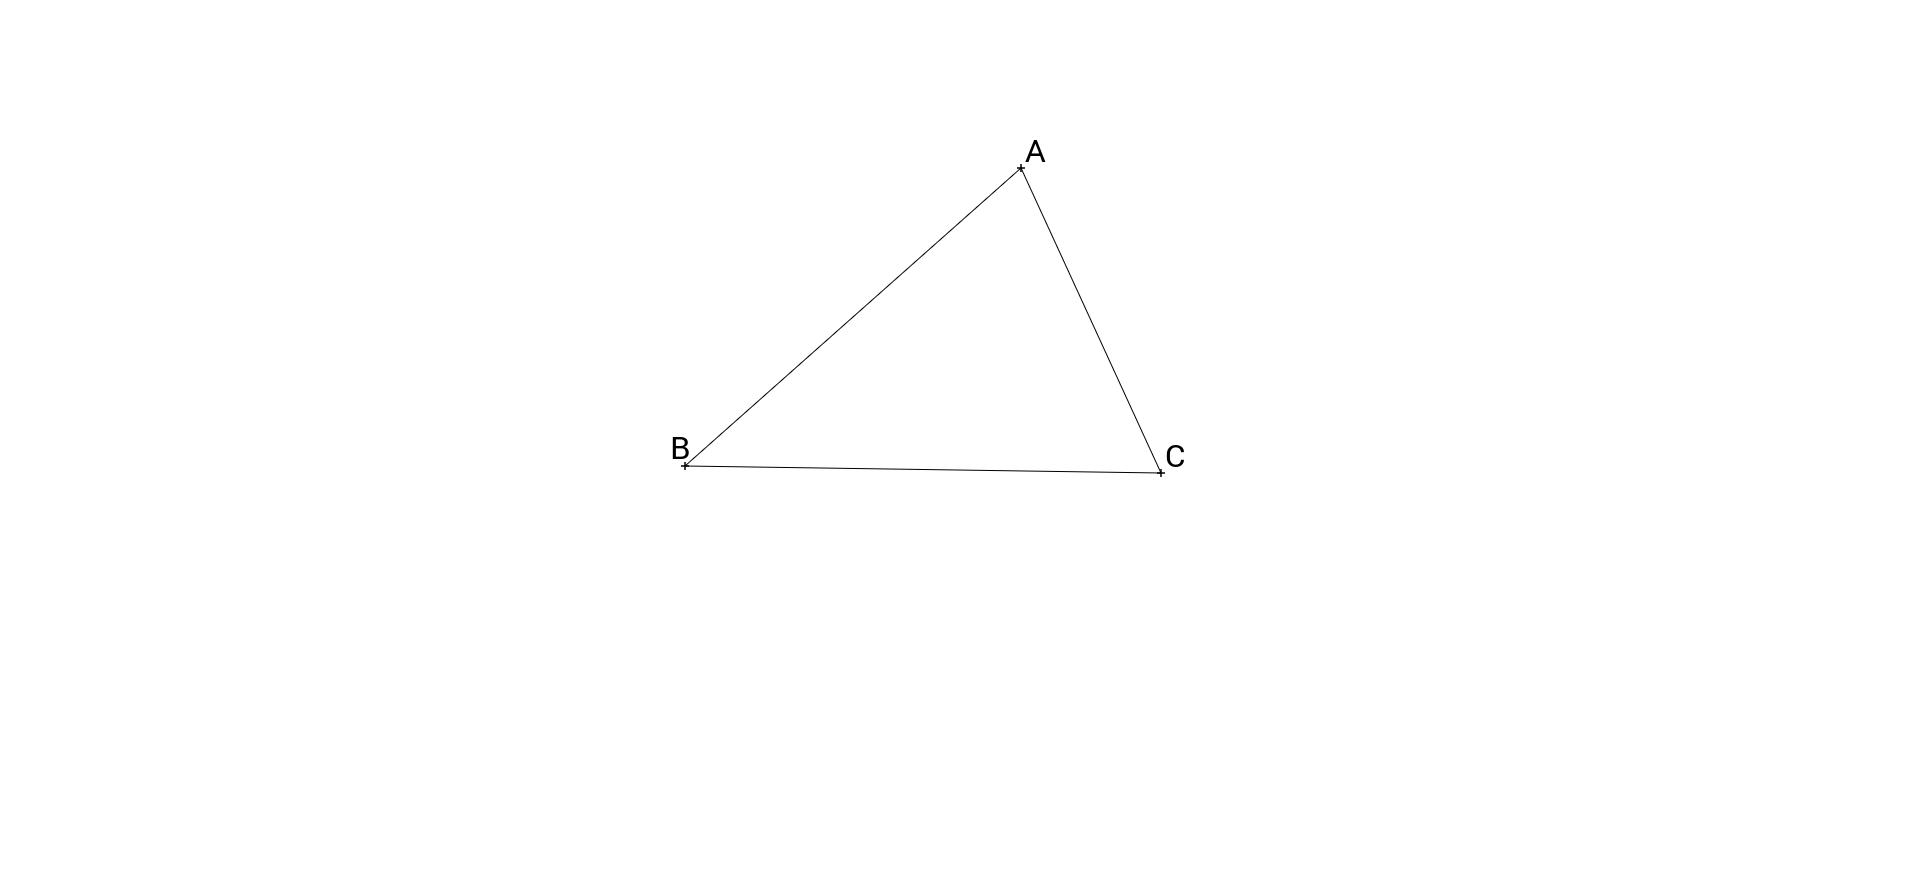 Pour conjecture th1 et2